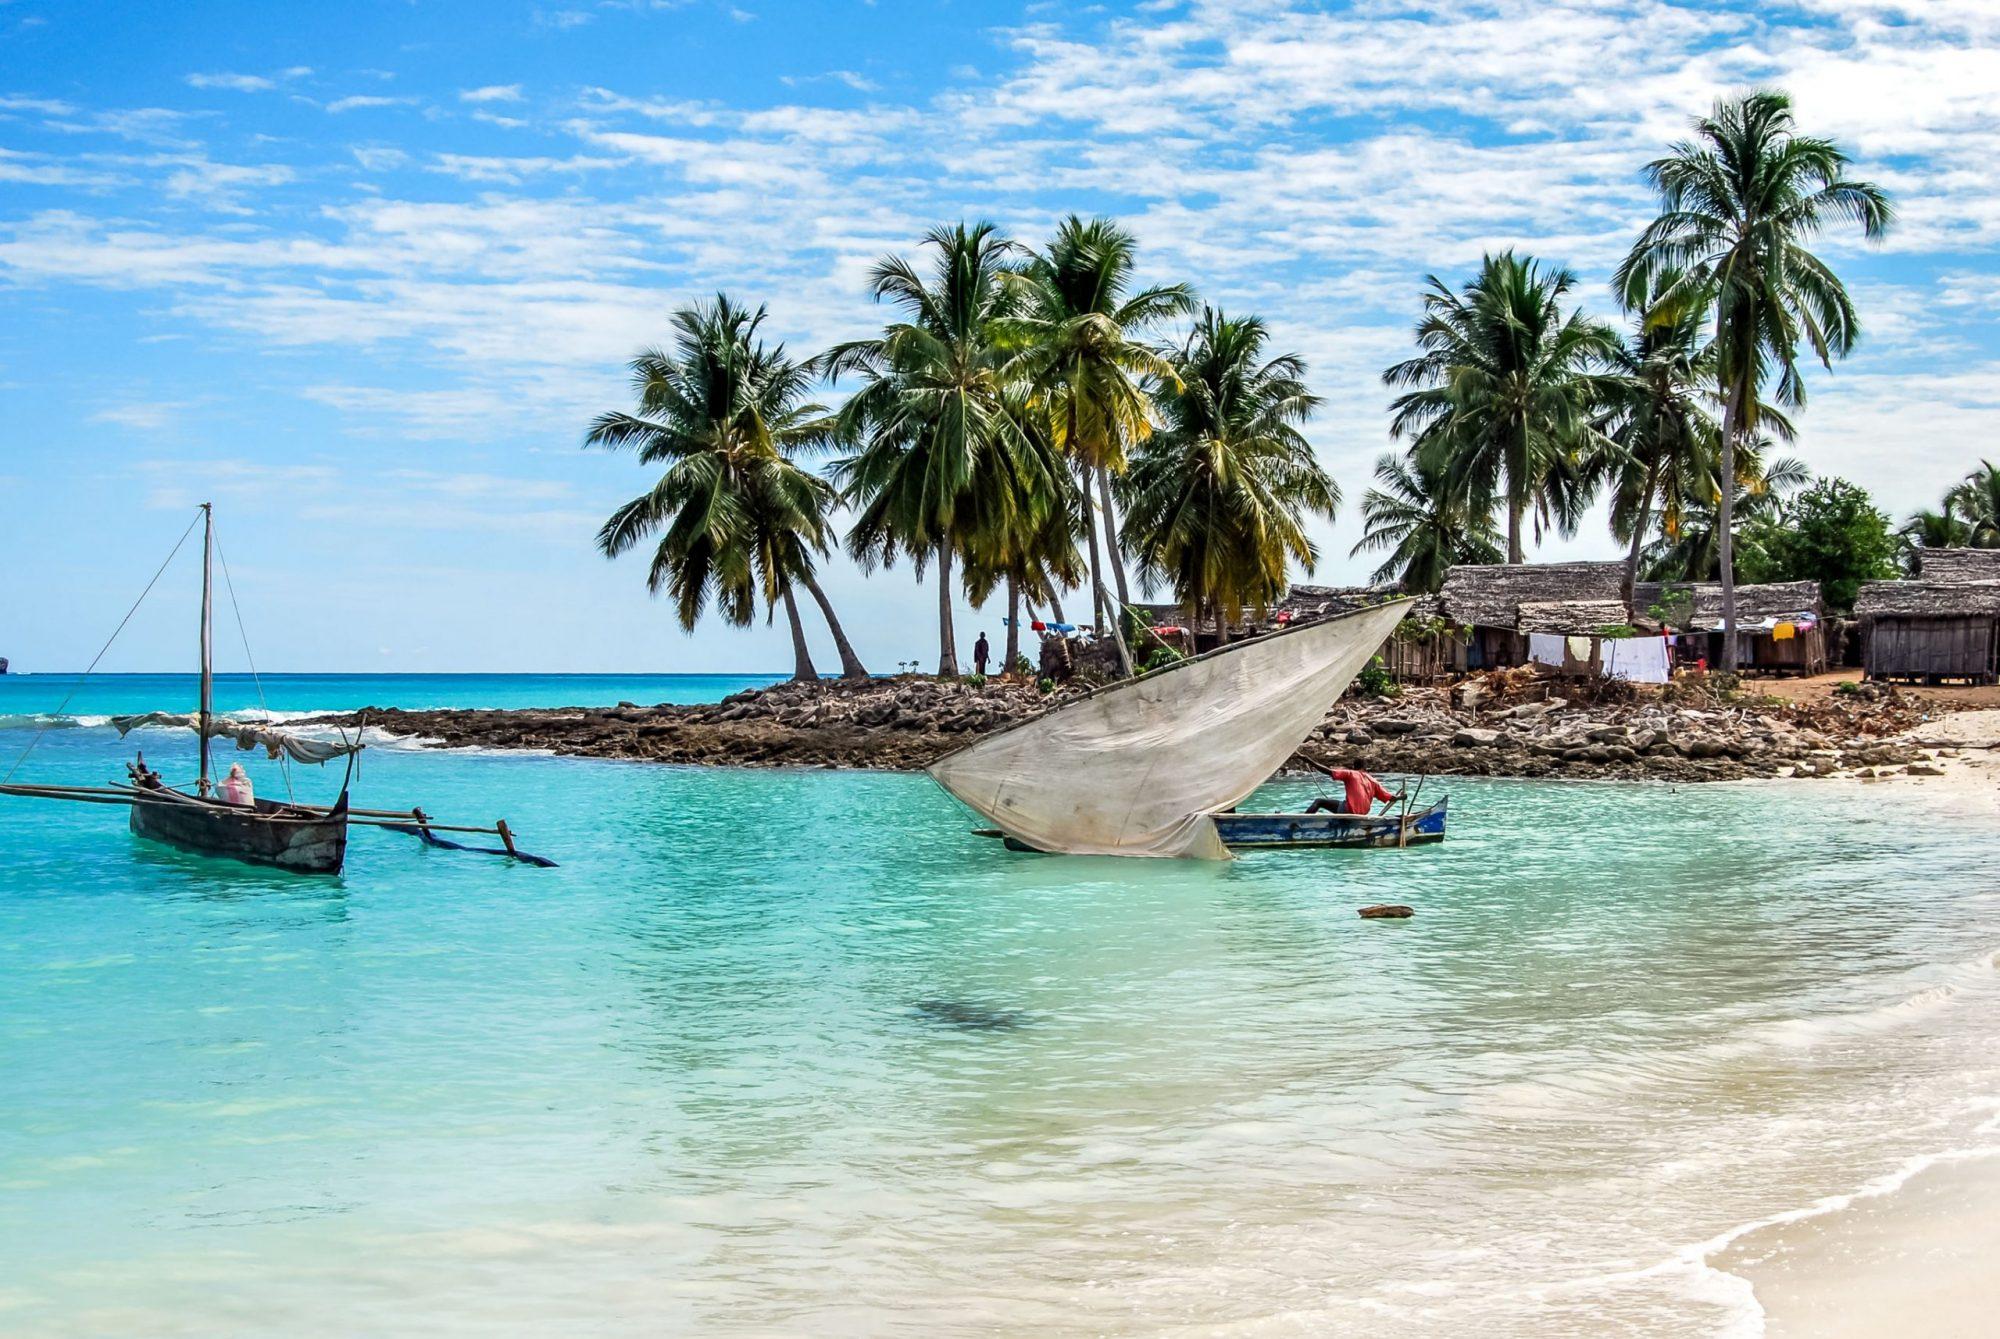 QUANDO ANDARE IN MADAGASCAR: PERIODI MIGLIORI E QUELLO DA EVITARE